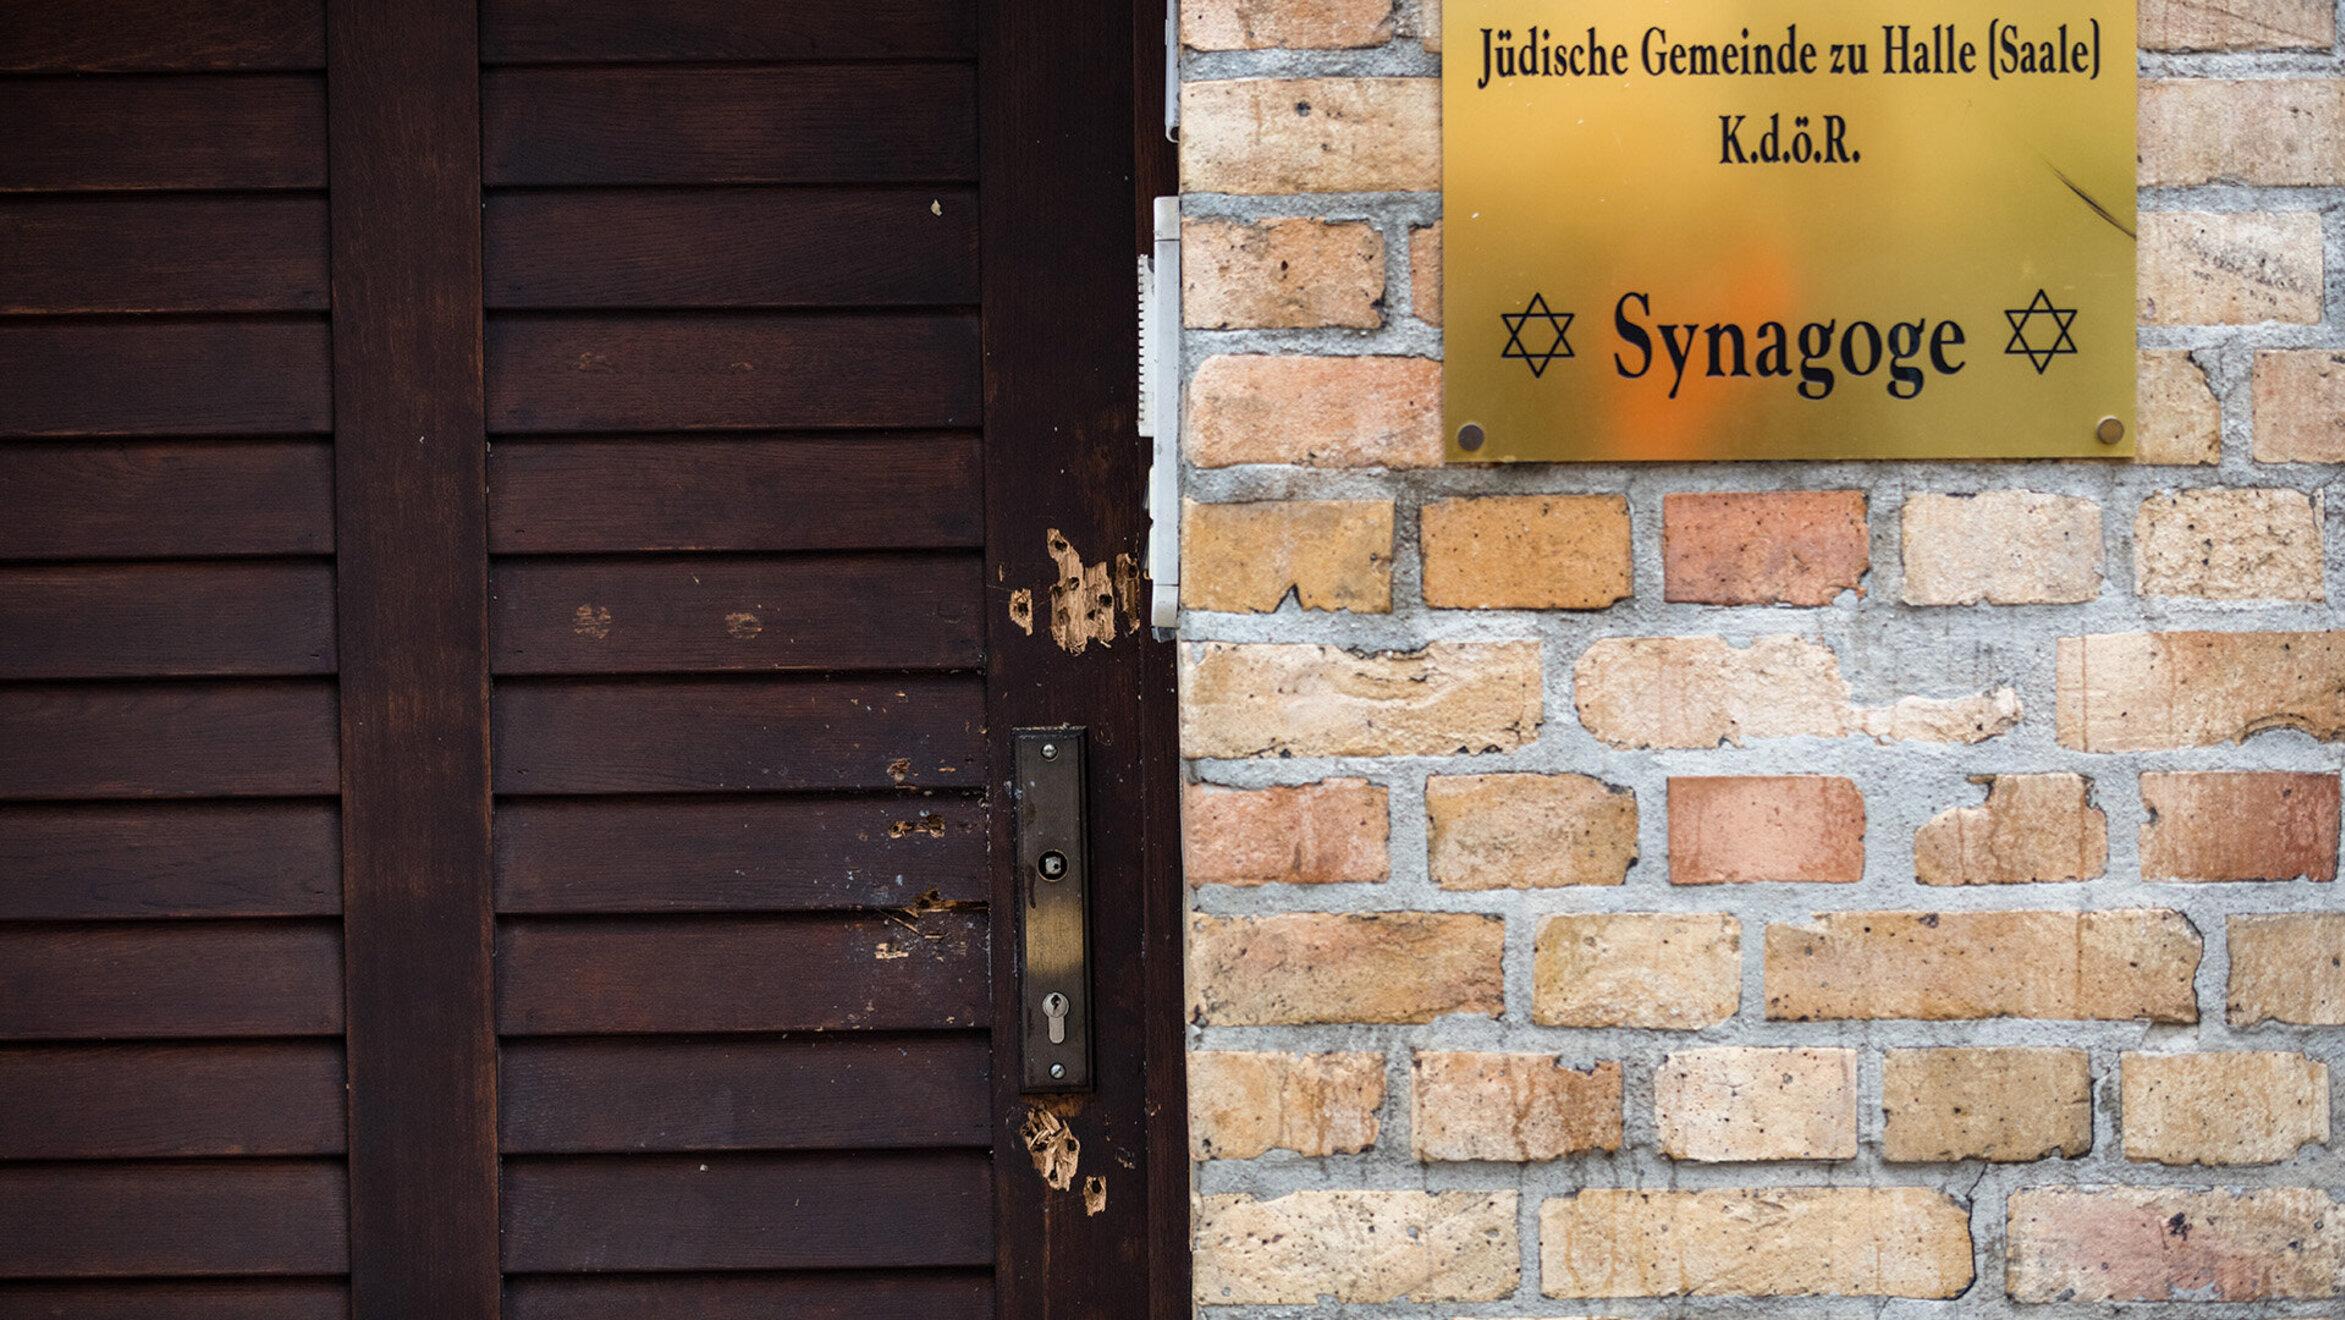 derzeit laufen in Halle die Prozesse zum Attentat auf die jüdische Synagoge am Jom Kippur 2019